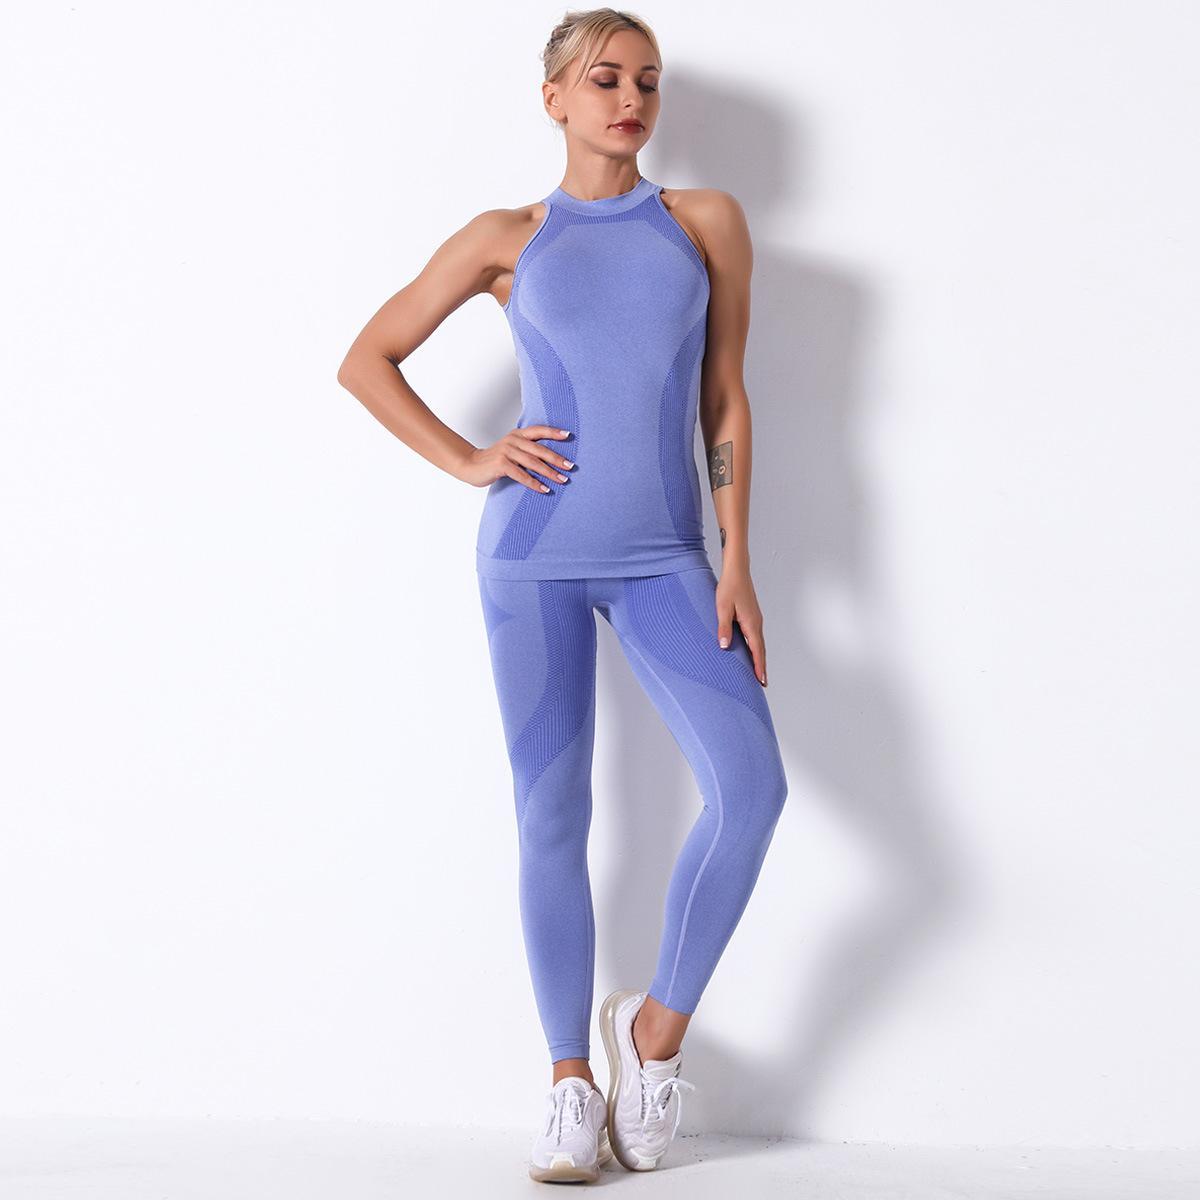 2021 Новая женская фитнес одежда одеждает носить бесшовные костюм спортивные колготки и короткий бюстгальтер топ спортивная спортивная одежда